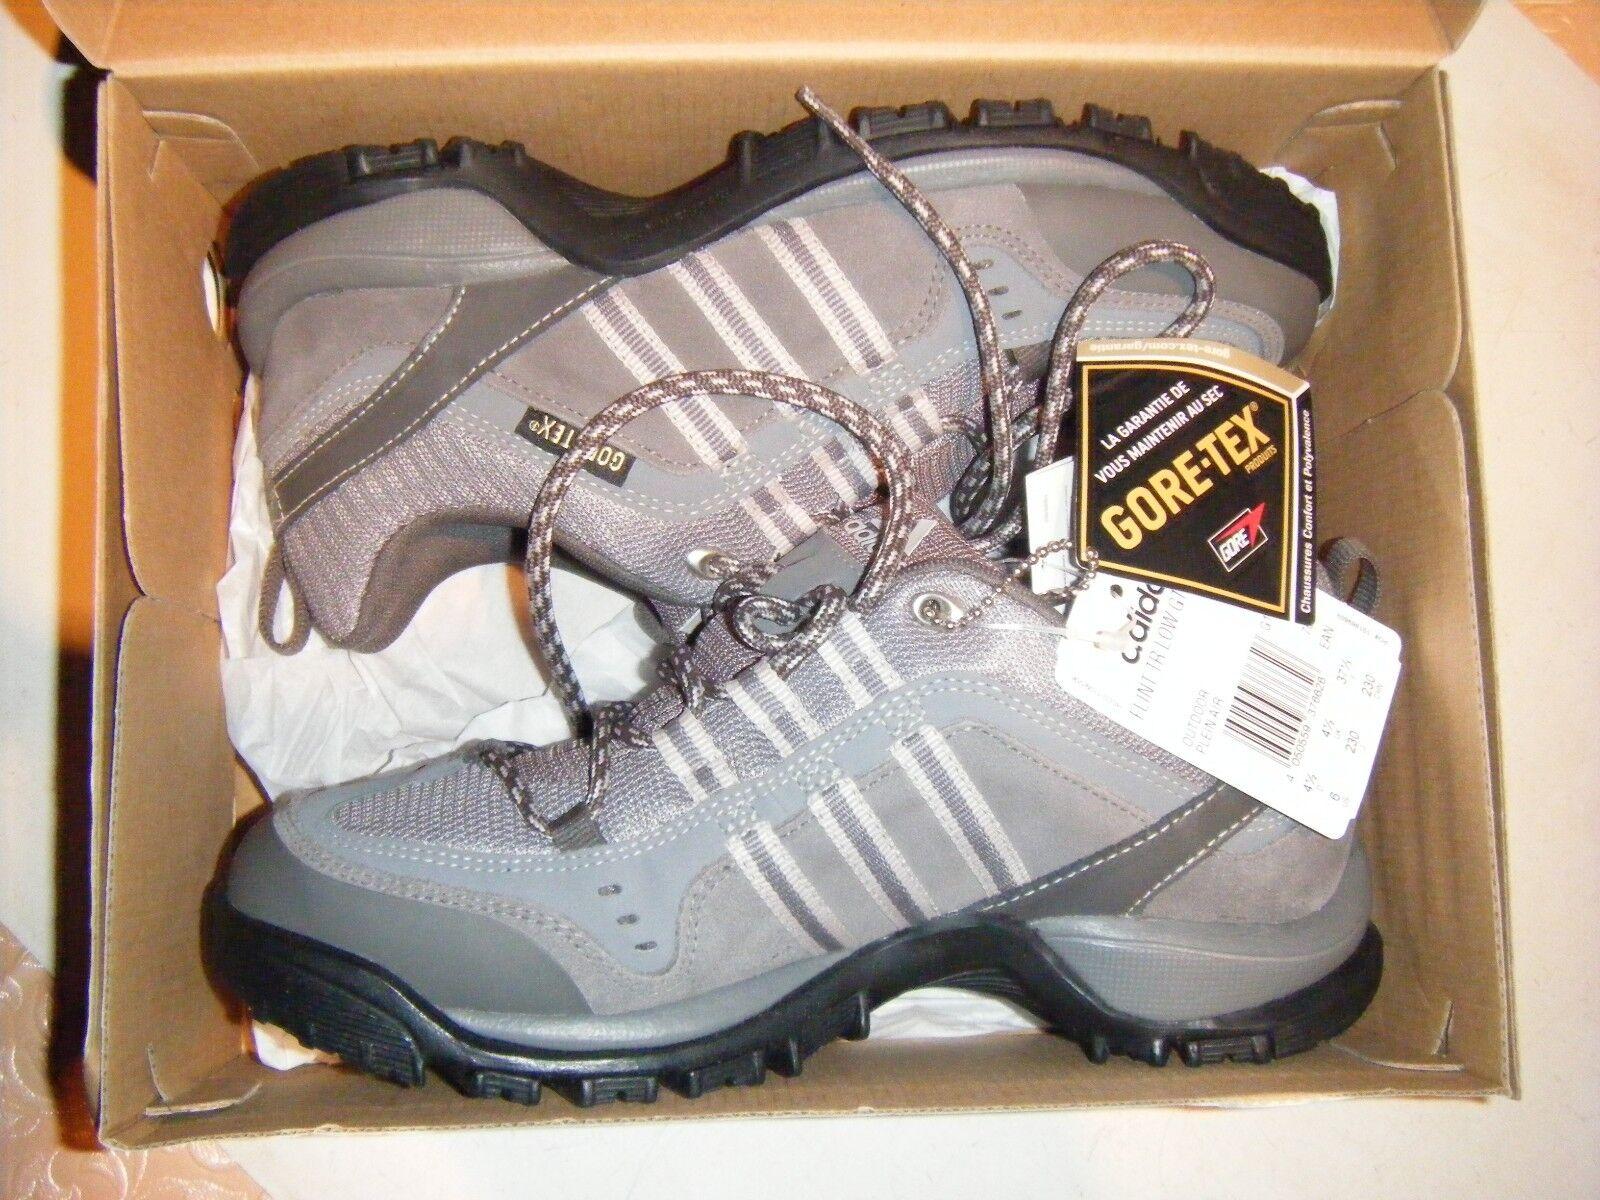 ADIDAS FLINT TR LOW GTX W  UK 4,5  EUR 37 1 3 (G12353)   Trekking Wanderschuhe